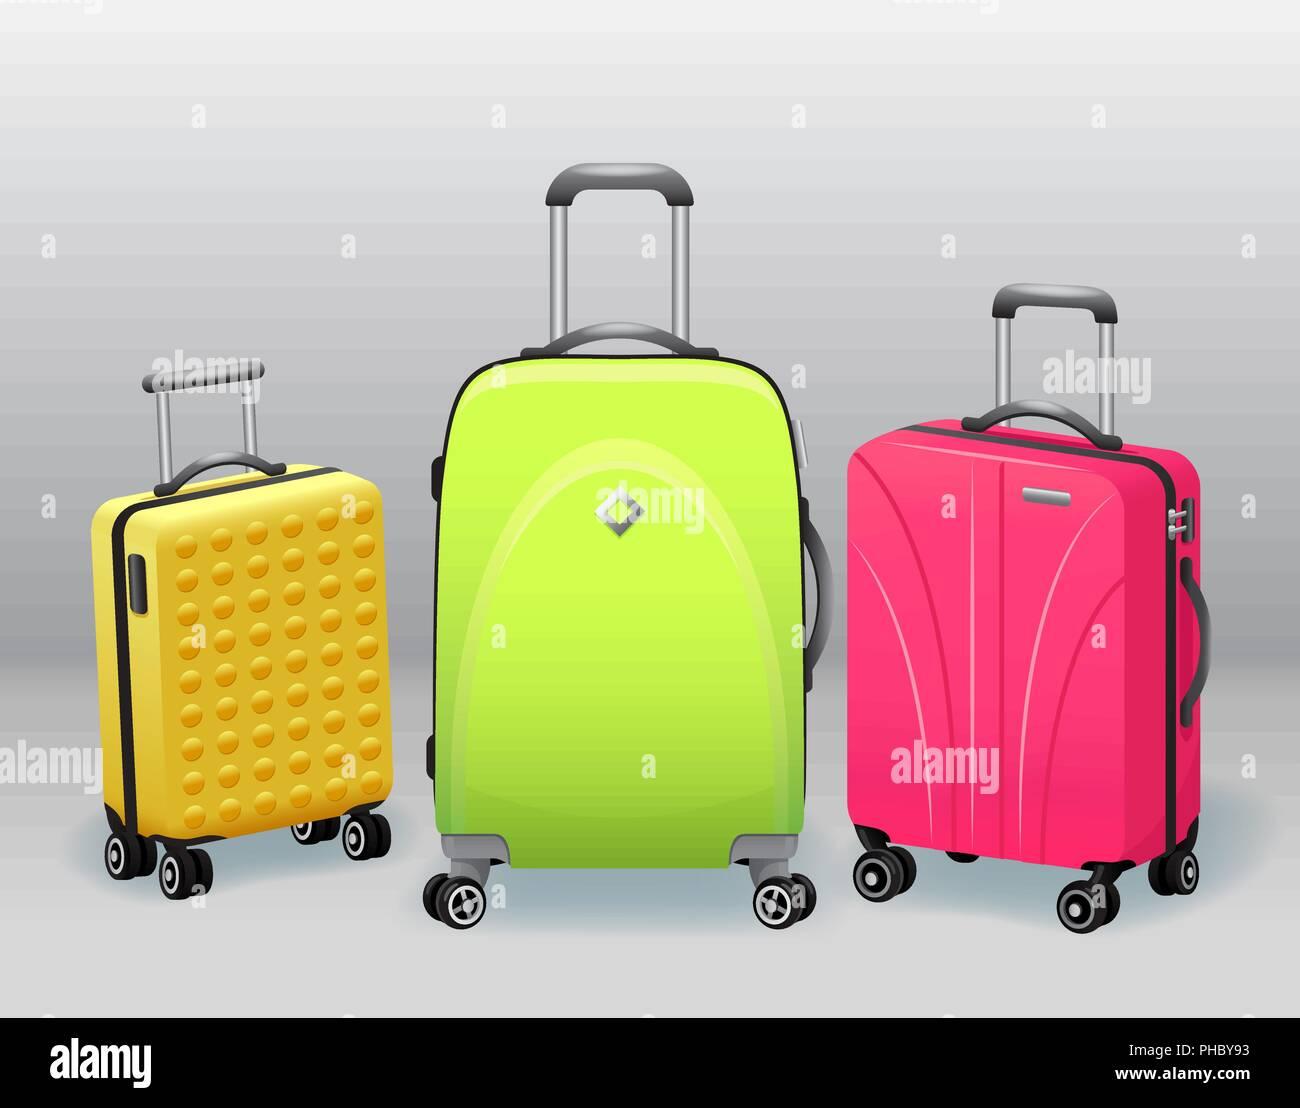 Geschaft Und Familie Urlaub Reisen Gepack Mit Handtasche Gepack